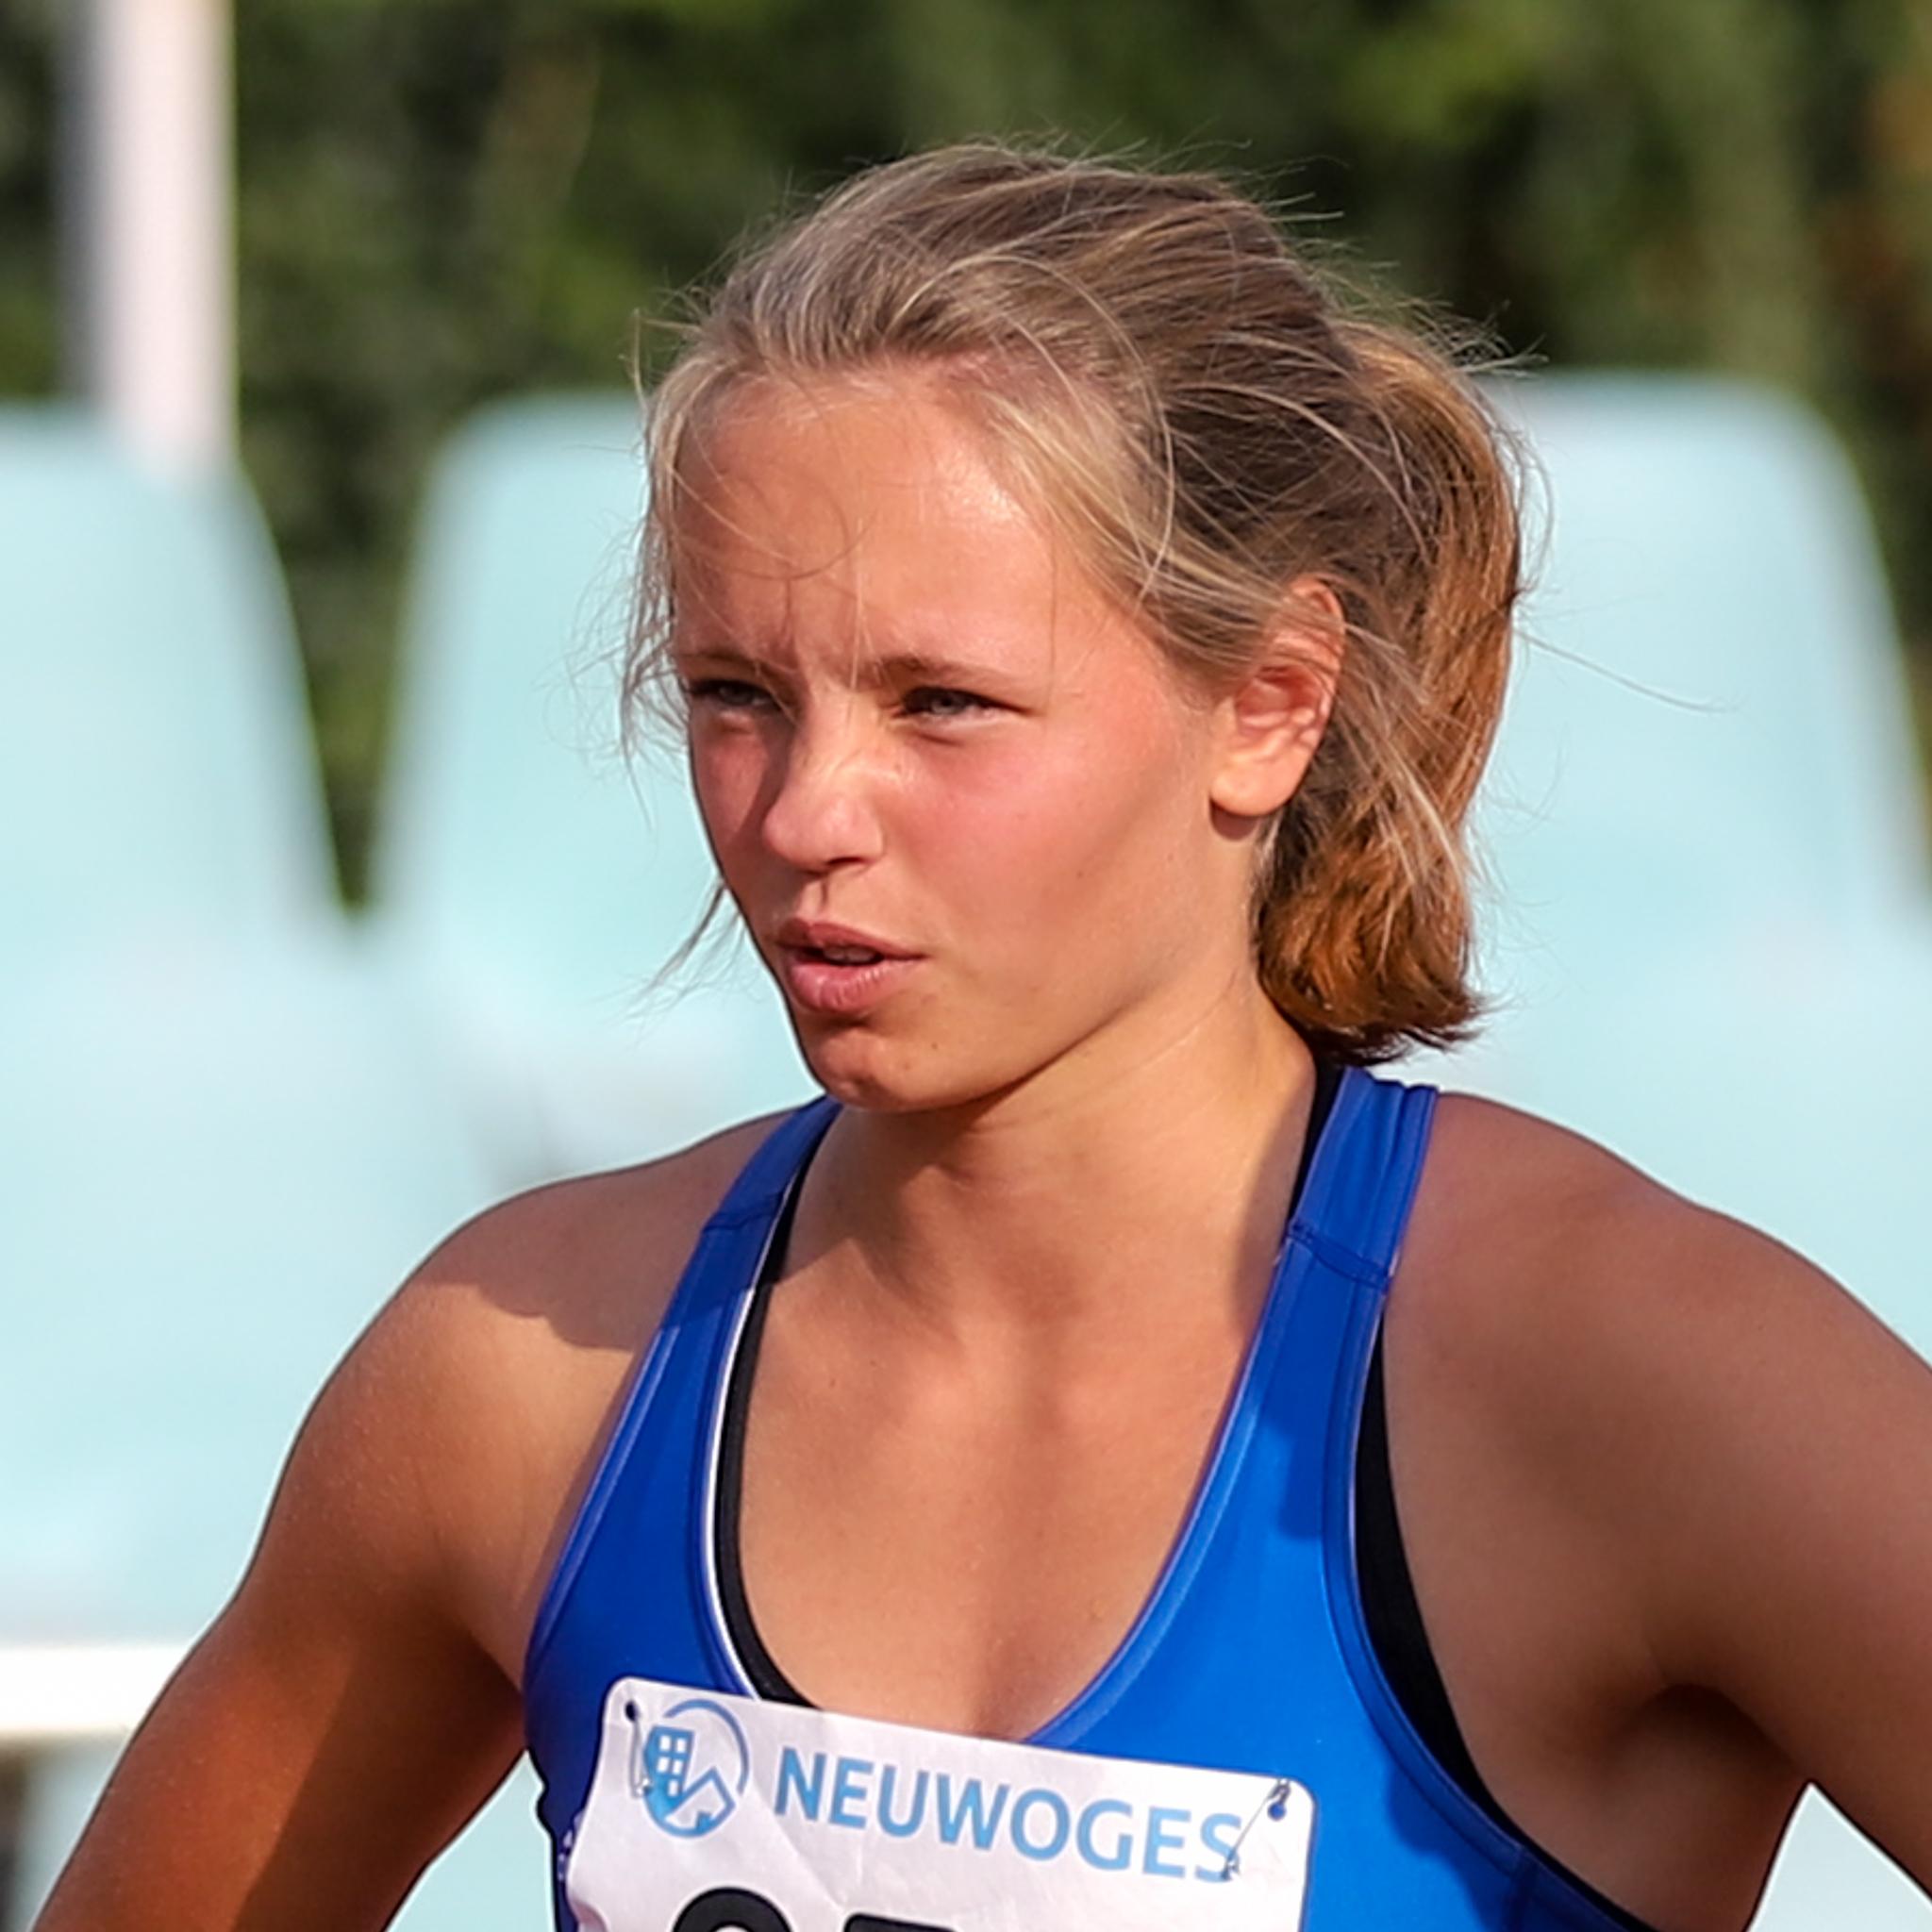 Joanne Schiffer